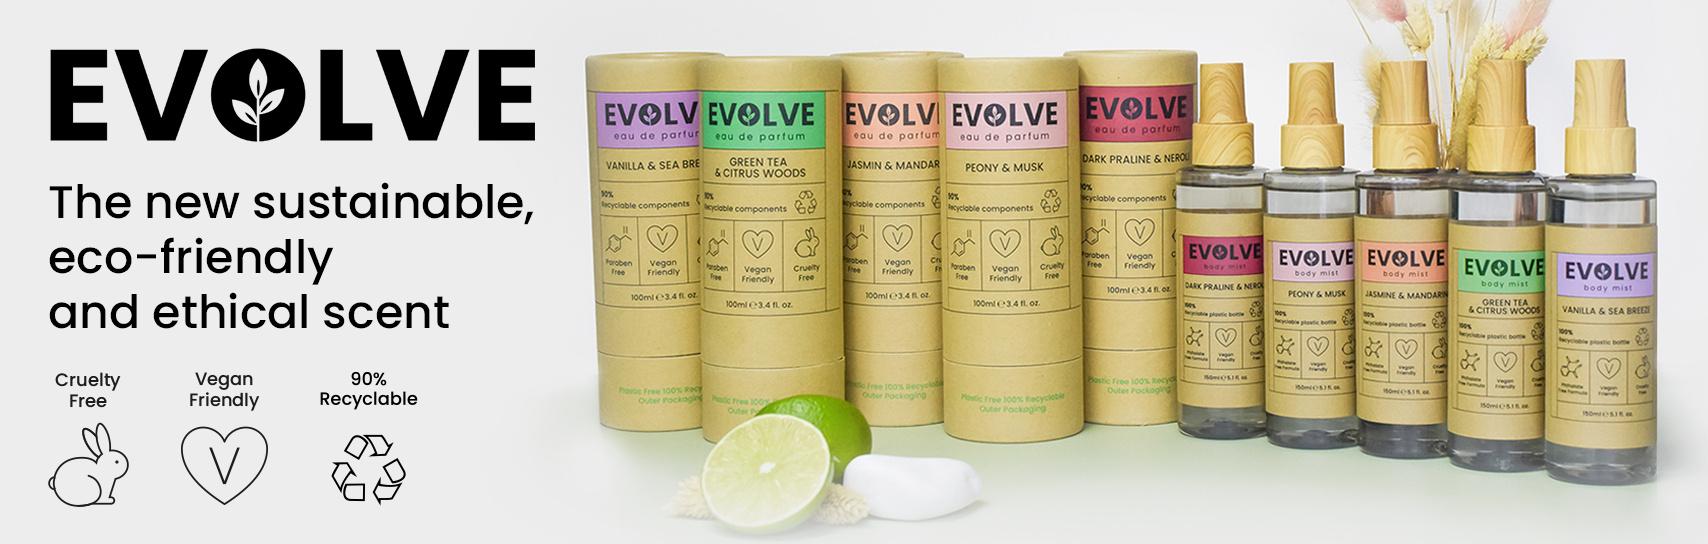 [Evolve - eau de parfum - products]